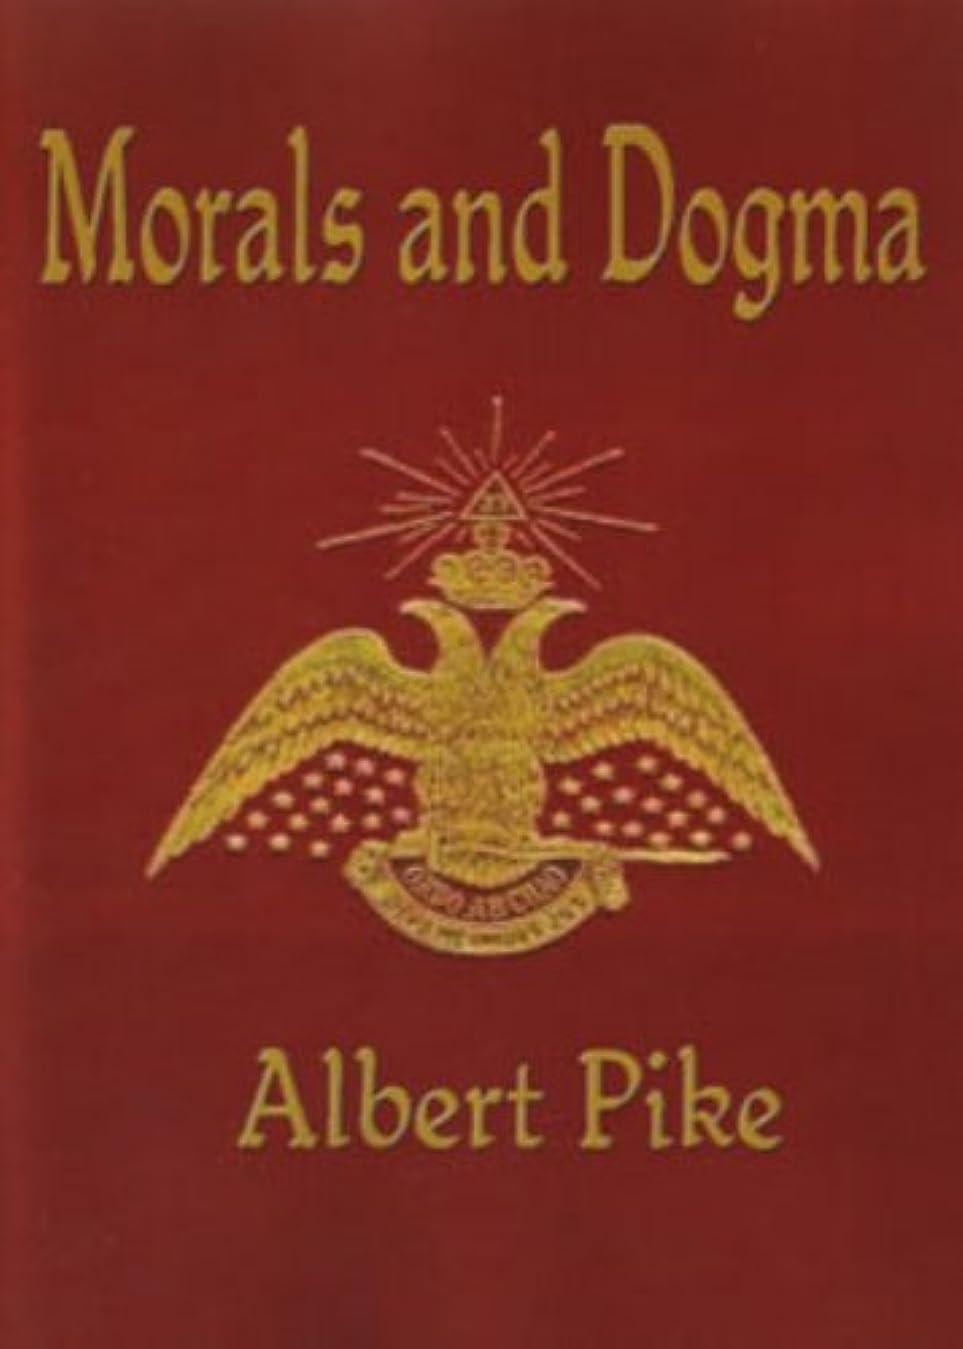 装置裕福な枢機卿Morals And Dogma (Illustrated) (English Edition)